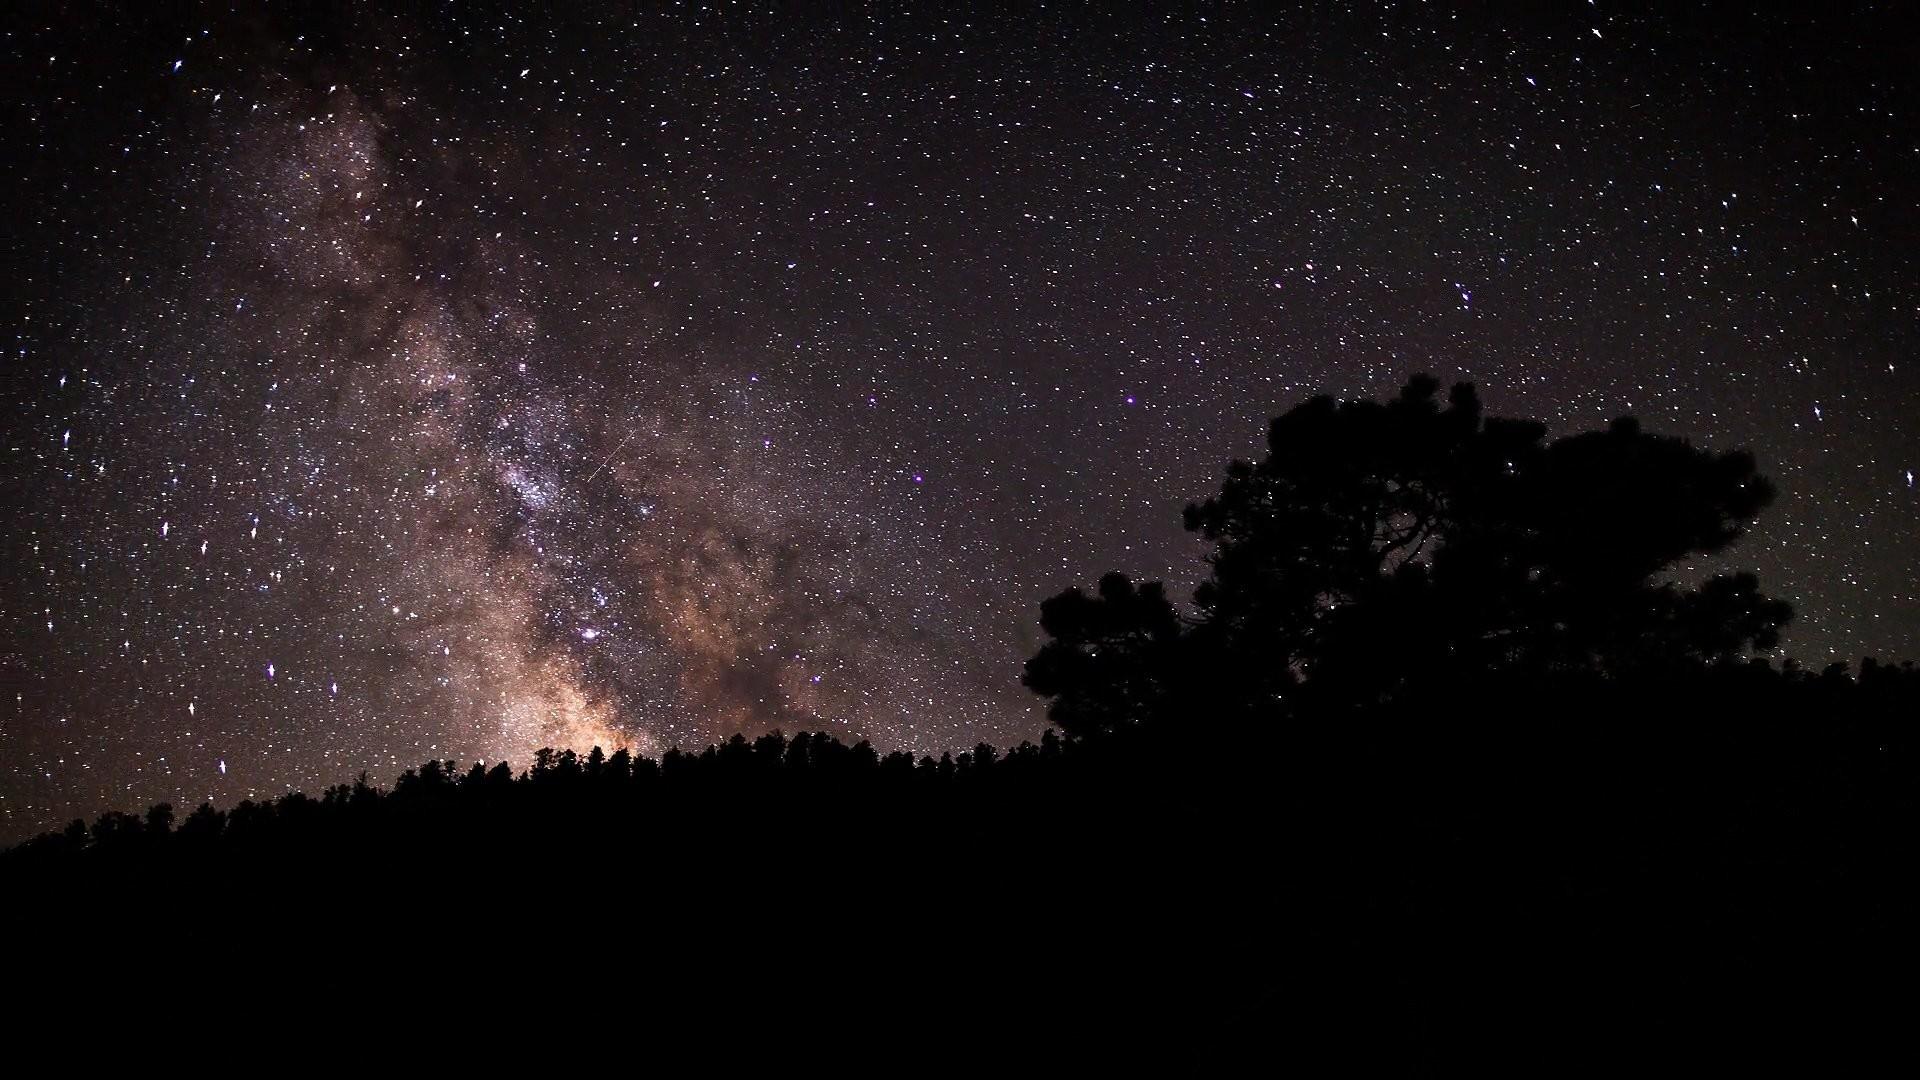 Sci Fi – Milky Way Wallpaper